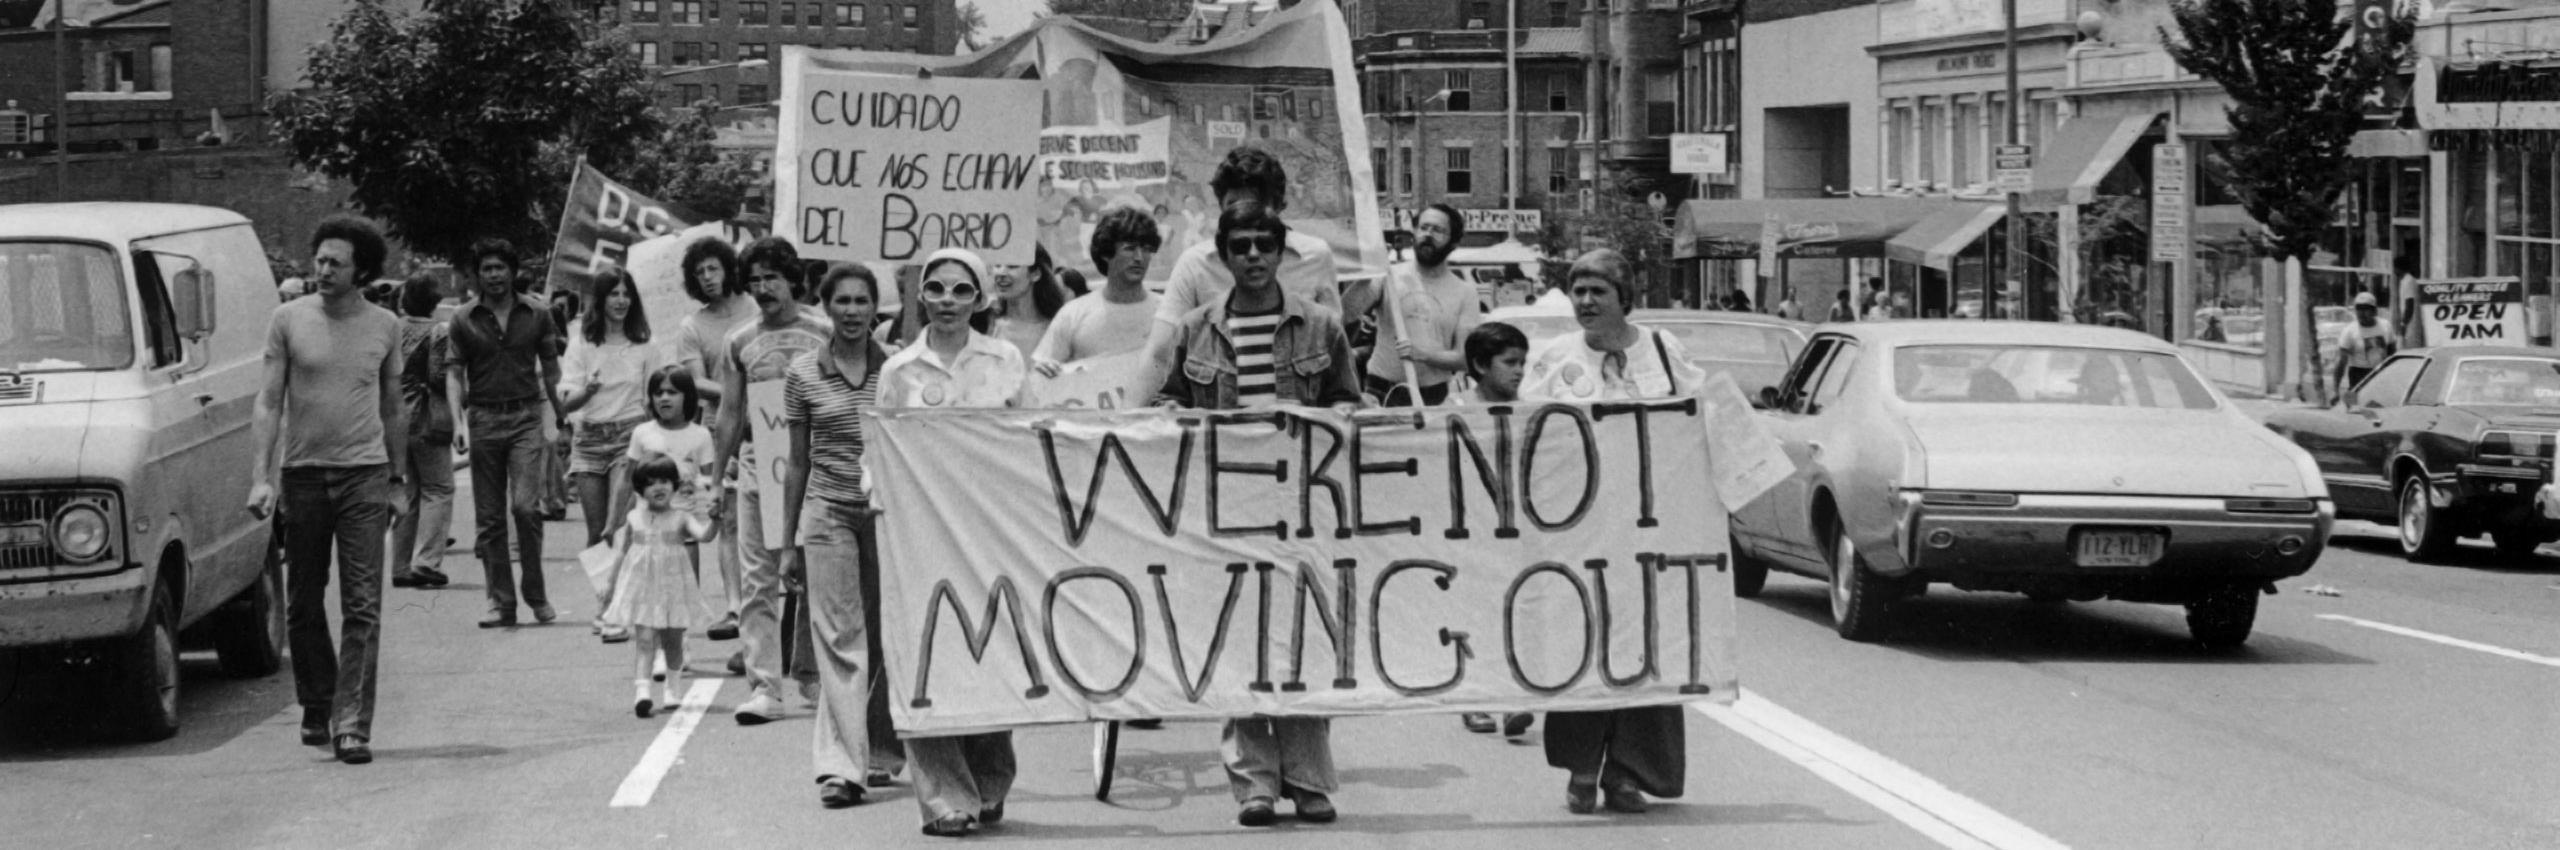 Tenant Protest in Adams Morgan